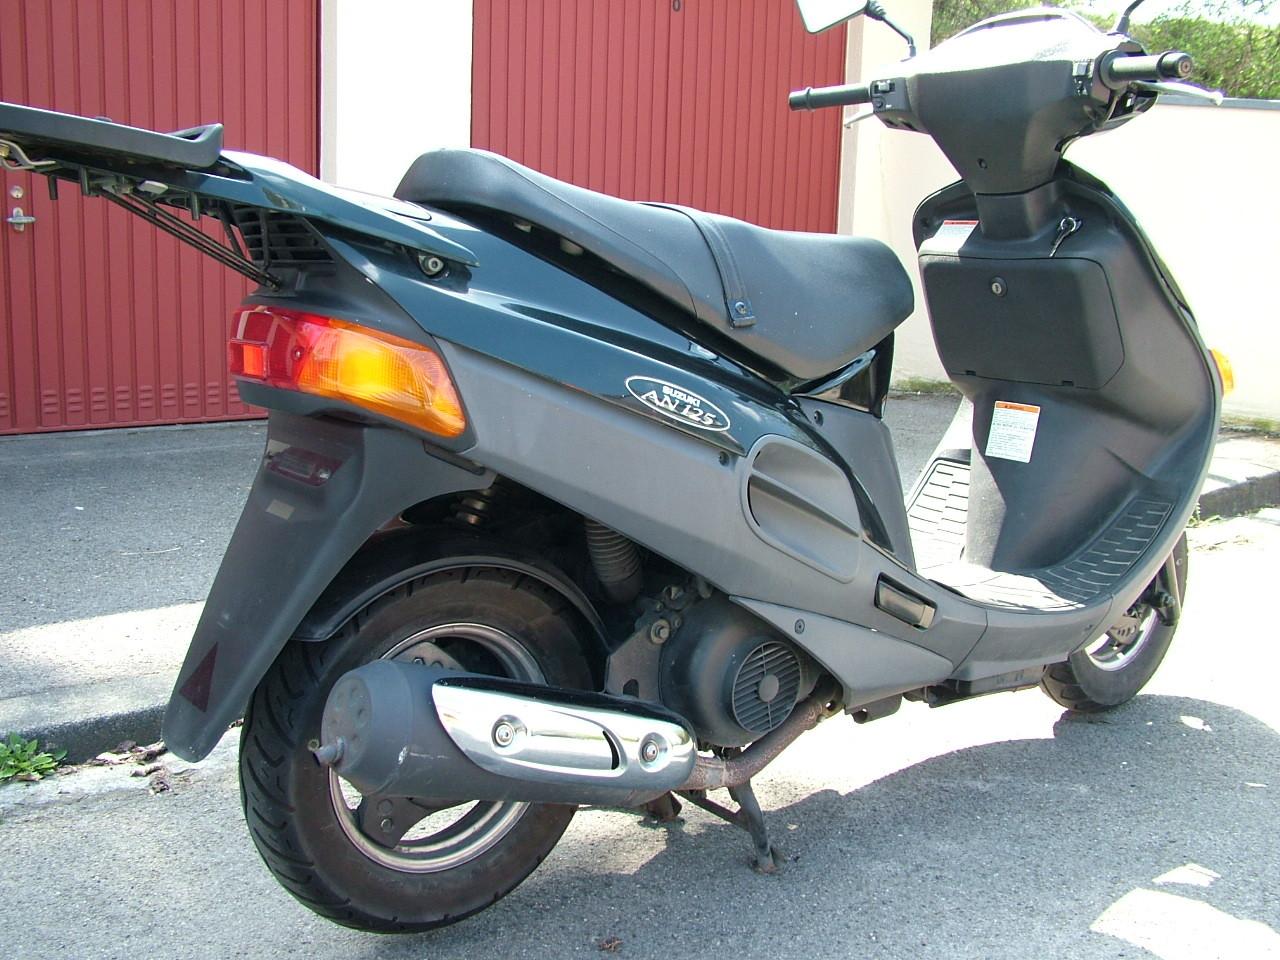 suzuki an 125 125er roller 125ccm scooter t v neu vgl. Black Bedroom Furniture Sets. Home Design Ideas